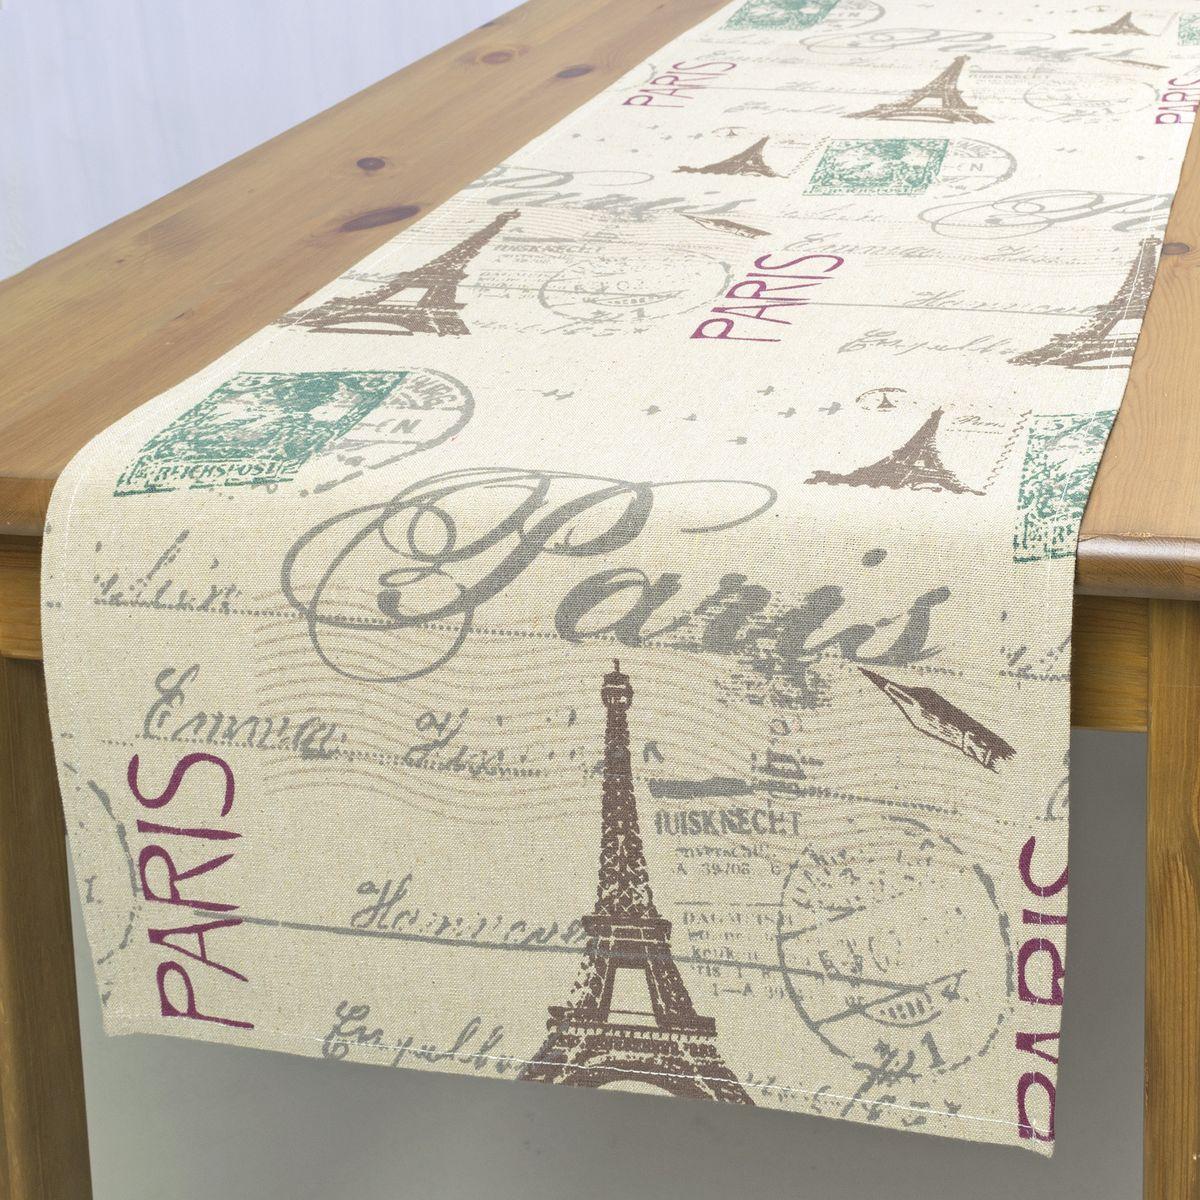 Дорожка для декорирования стола Schaefer , 40 х 140 см, цвет: бежевый. 07612-211S03301004Дорожка для декорирования стола Schaefer может быть использована, как основной элемент, так и дополнение для создания уюта и романтического настроения.Дорожка выполнена из полиэстера. Изделие легко стирать: оно не мнется, не садится и быстро сохнет, более долговечно, чем изделие из натуральных волокон.Материал: 100% полиэстер.Размер: 40 х 140 см.